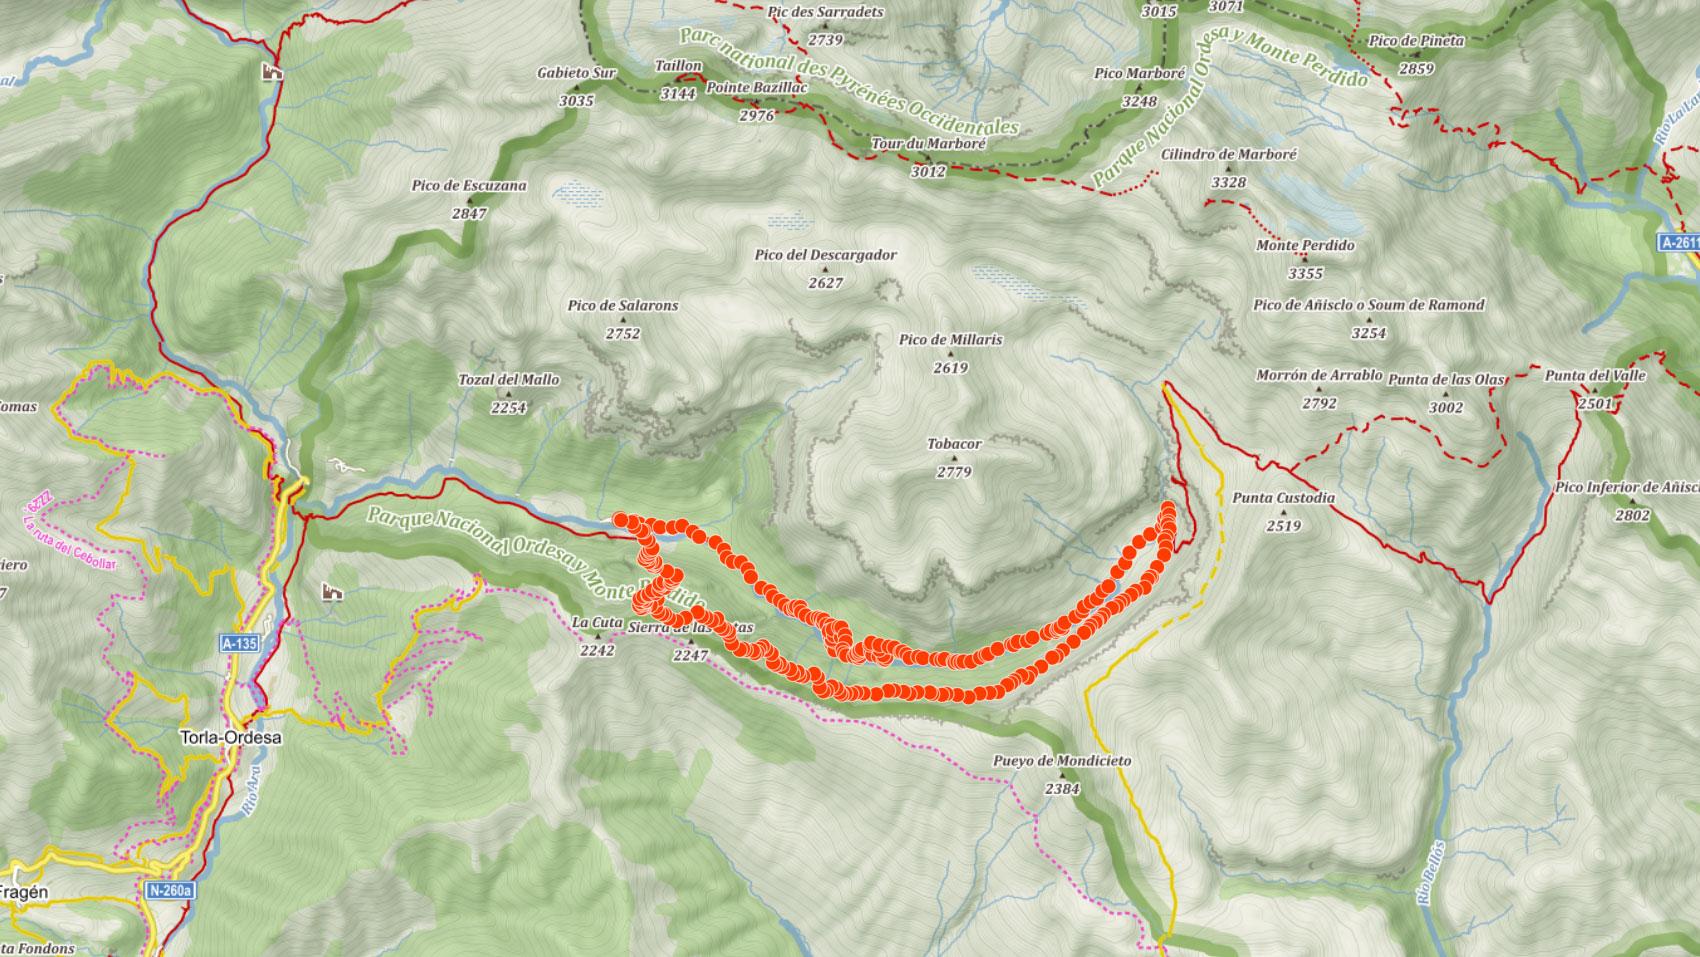 Popisovaná trasa údolím Ordesa po stezce Faja de Pelay